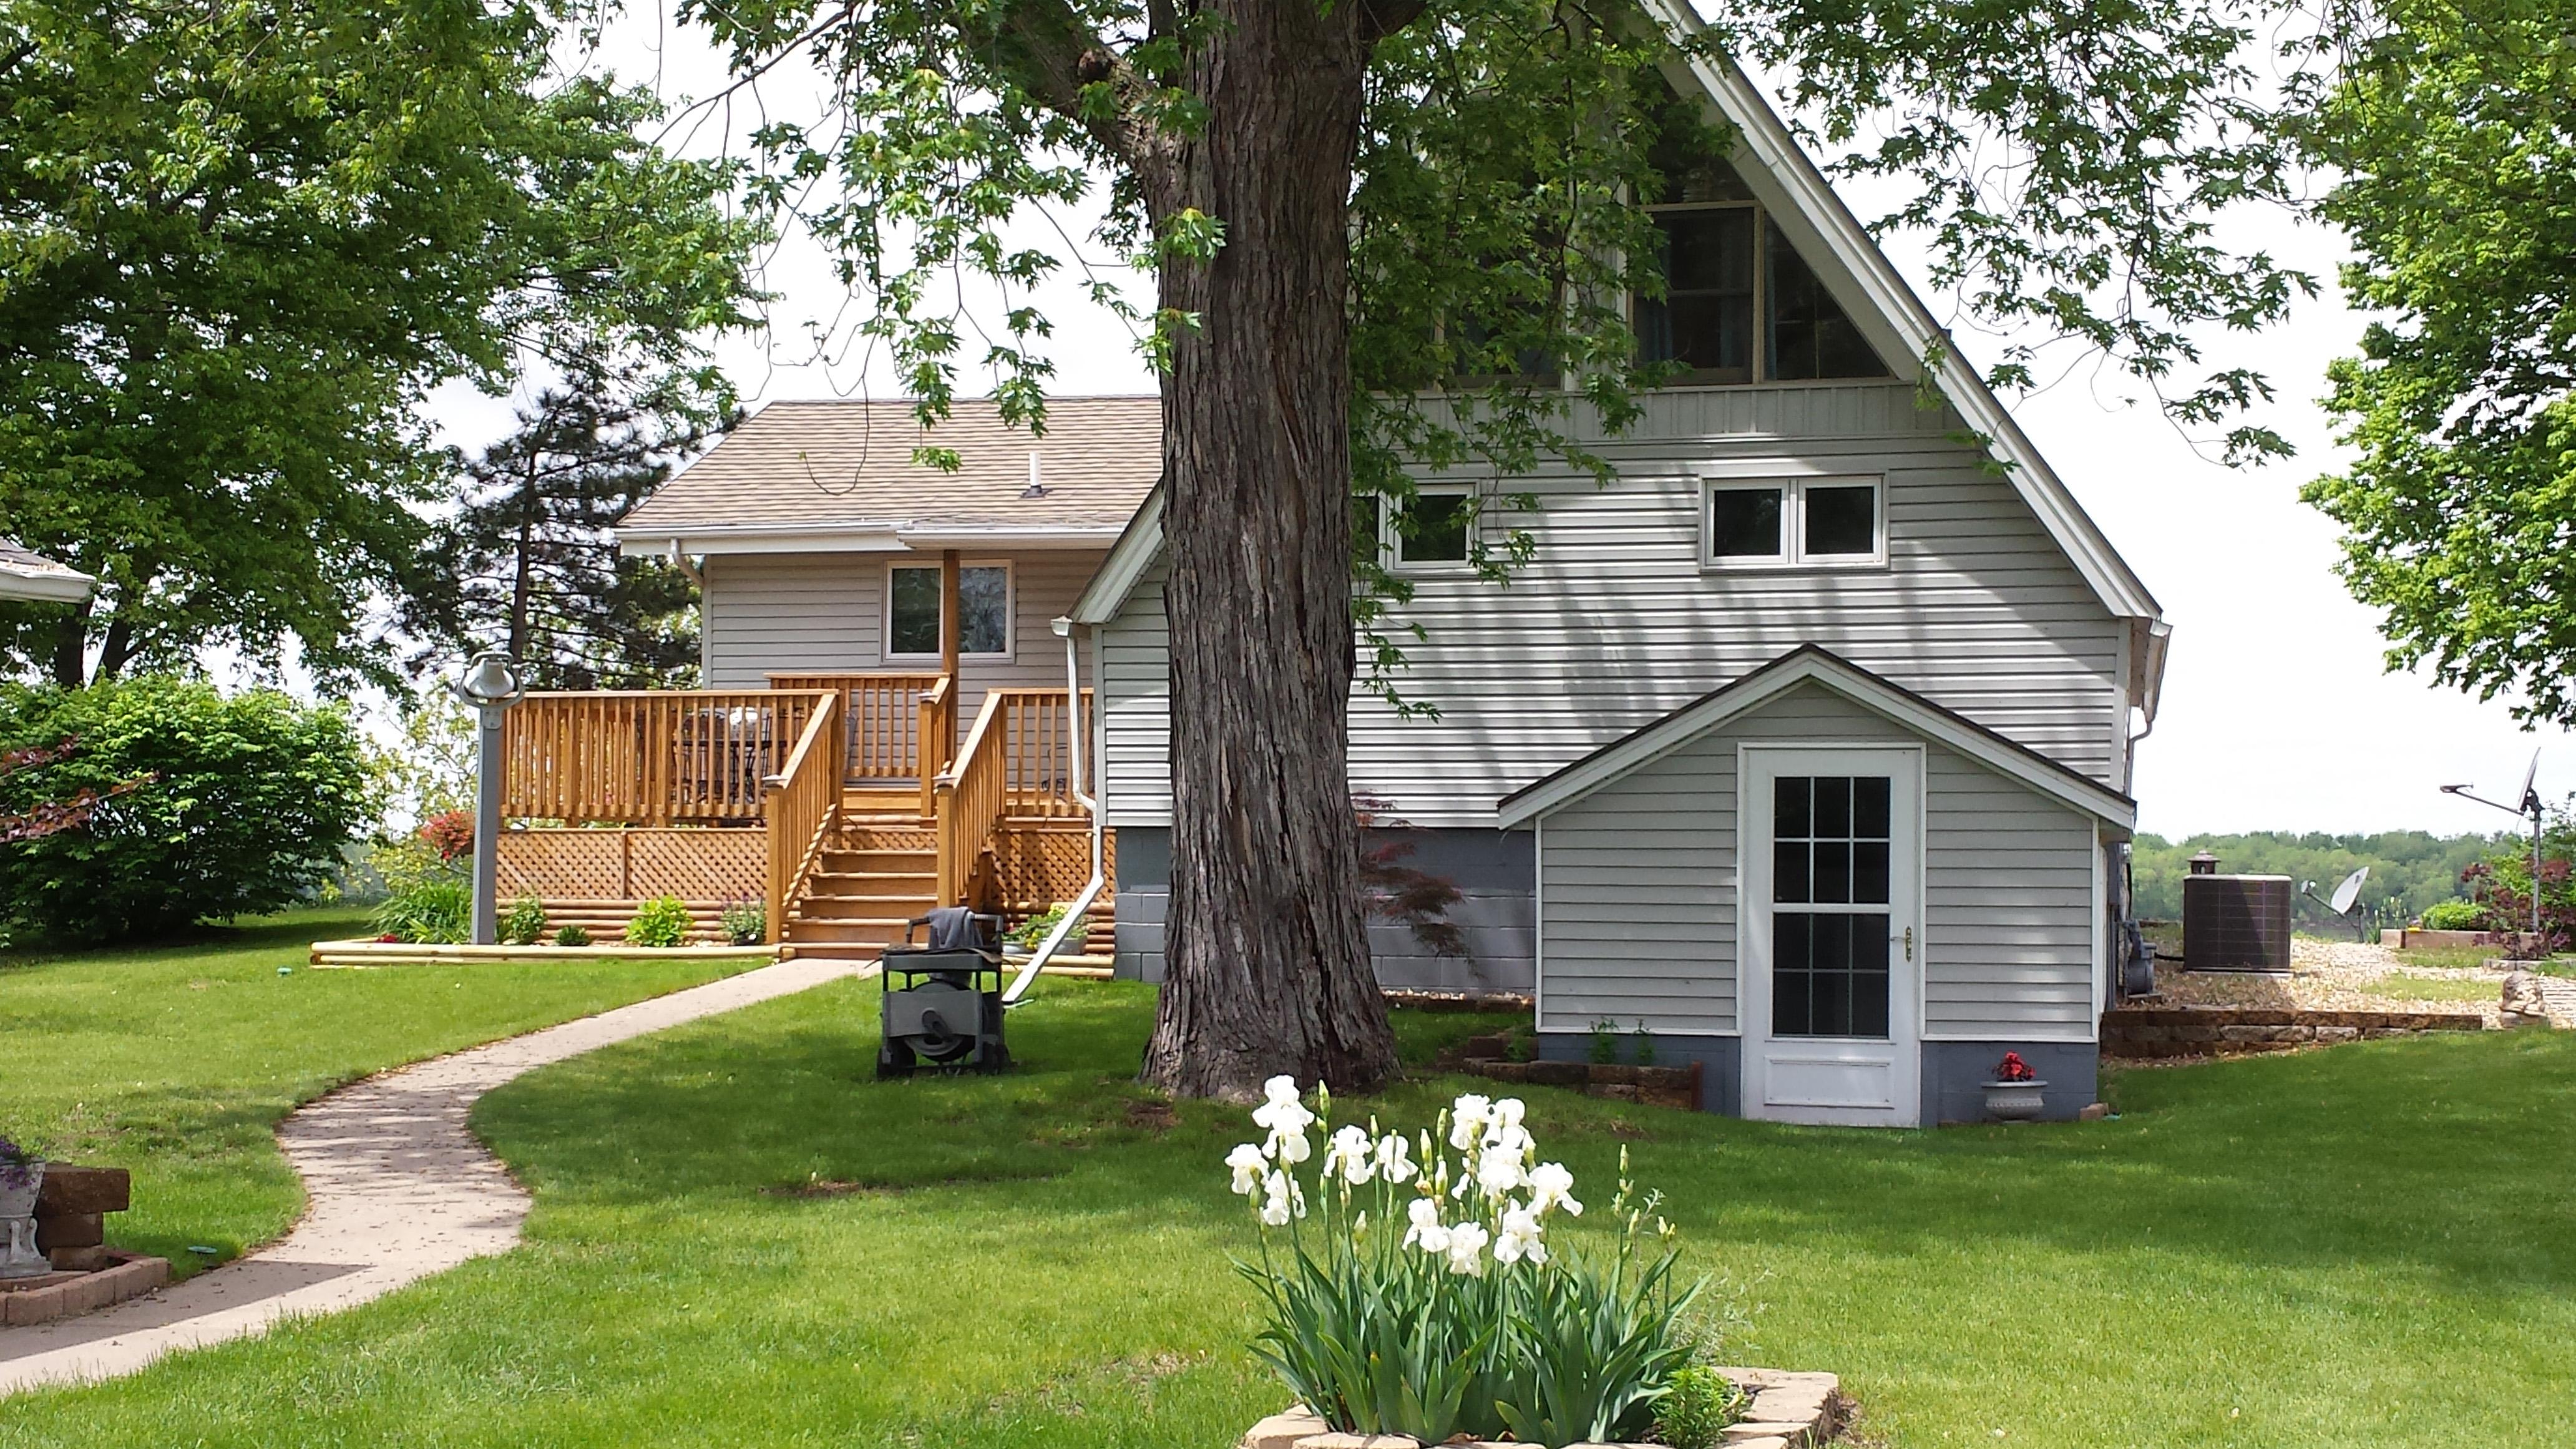 1431 N. Third St., Oquawka, Illinois 61469